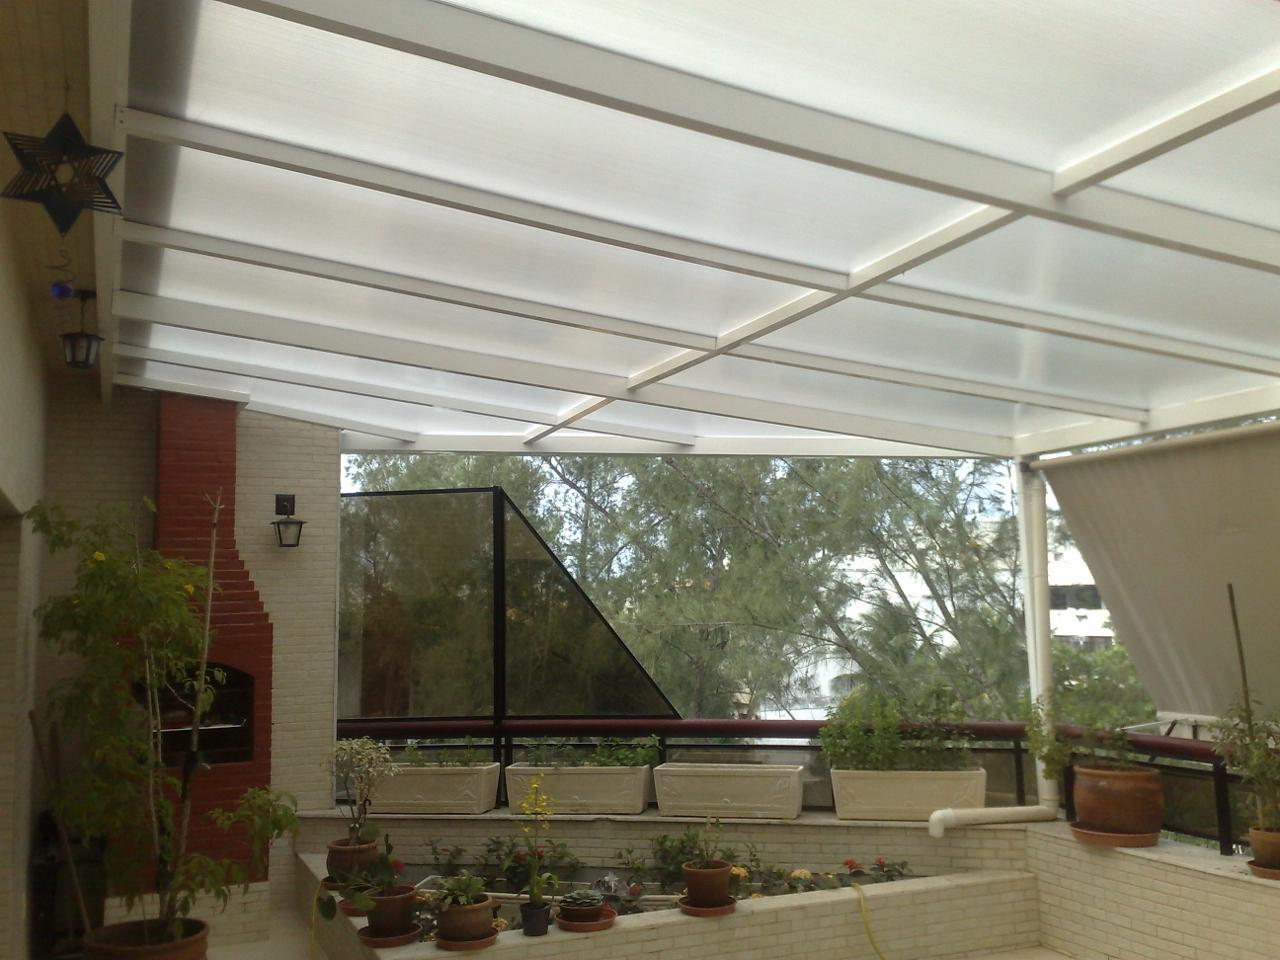 Coberturas policarbonato pre o m2 decorando casas for Toldos transparentes